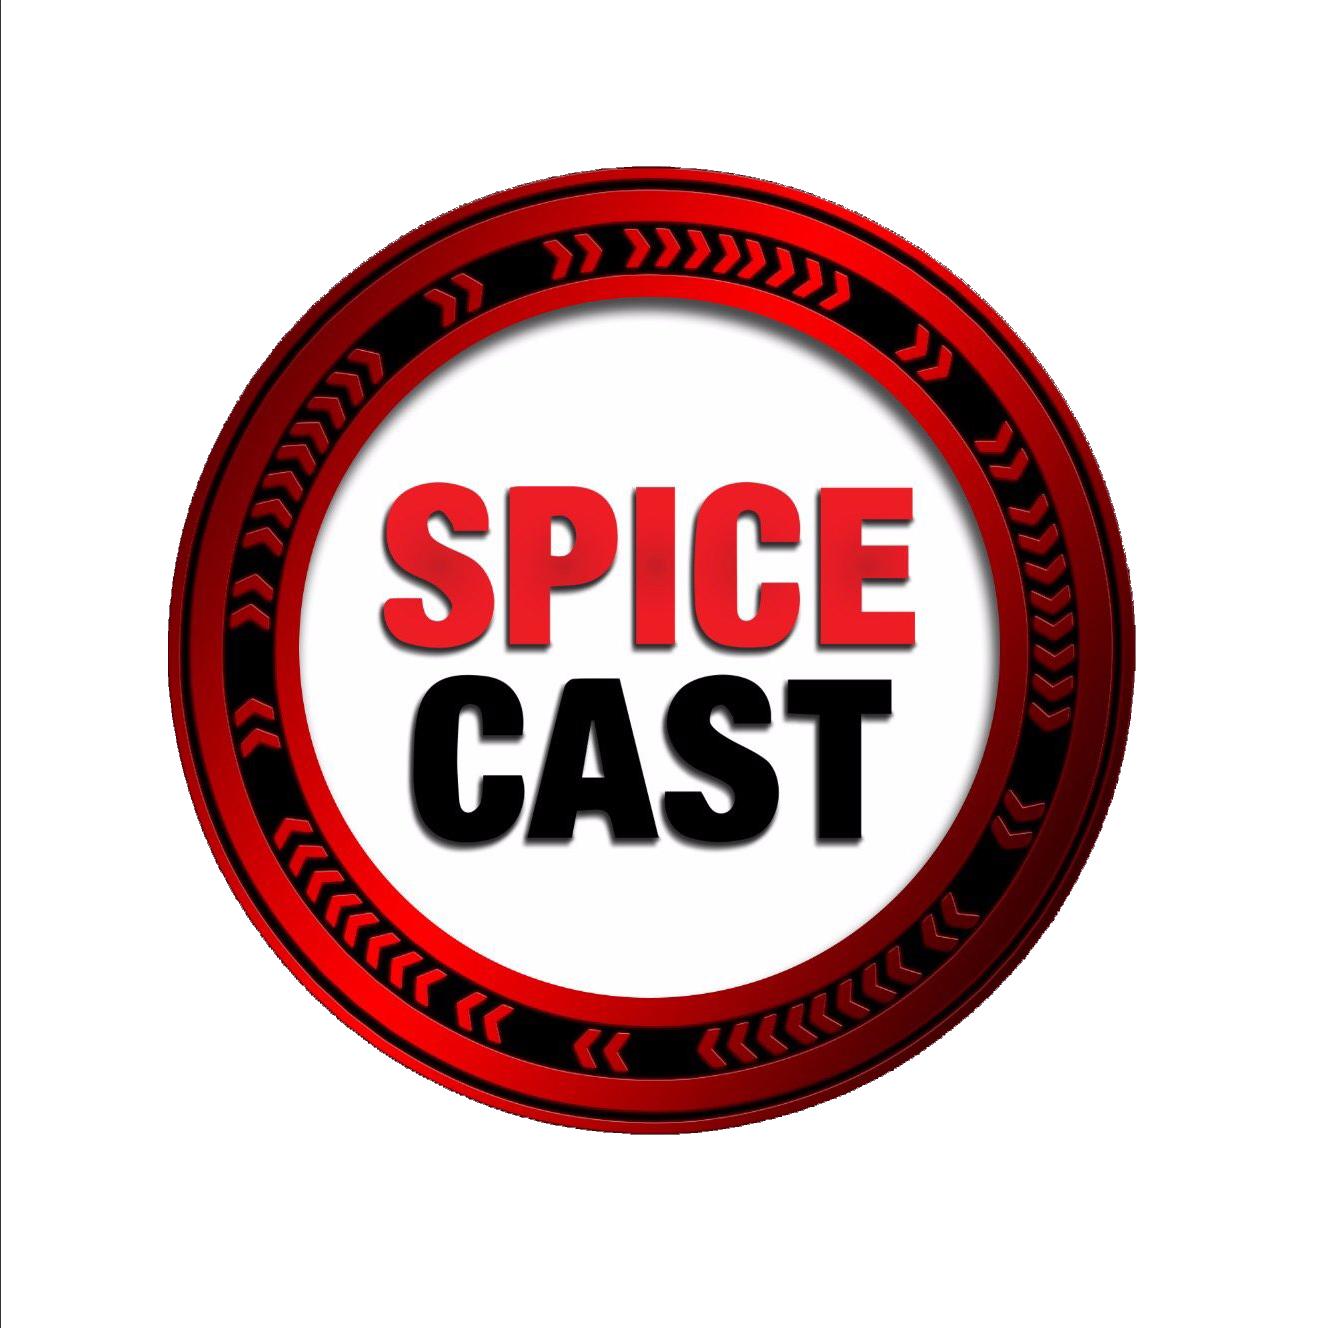 SpiceCast